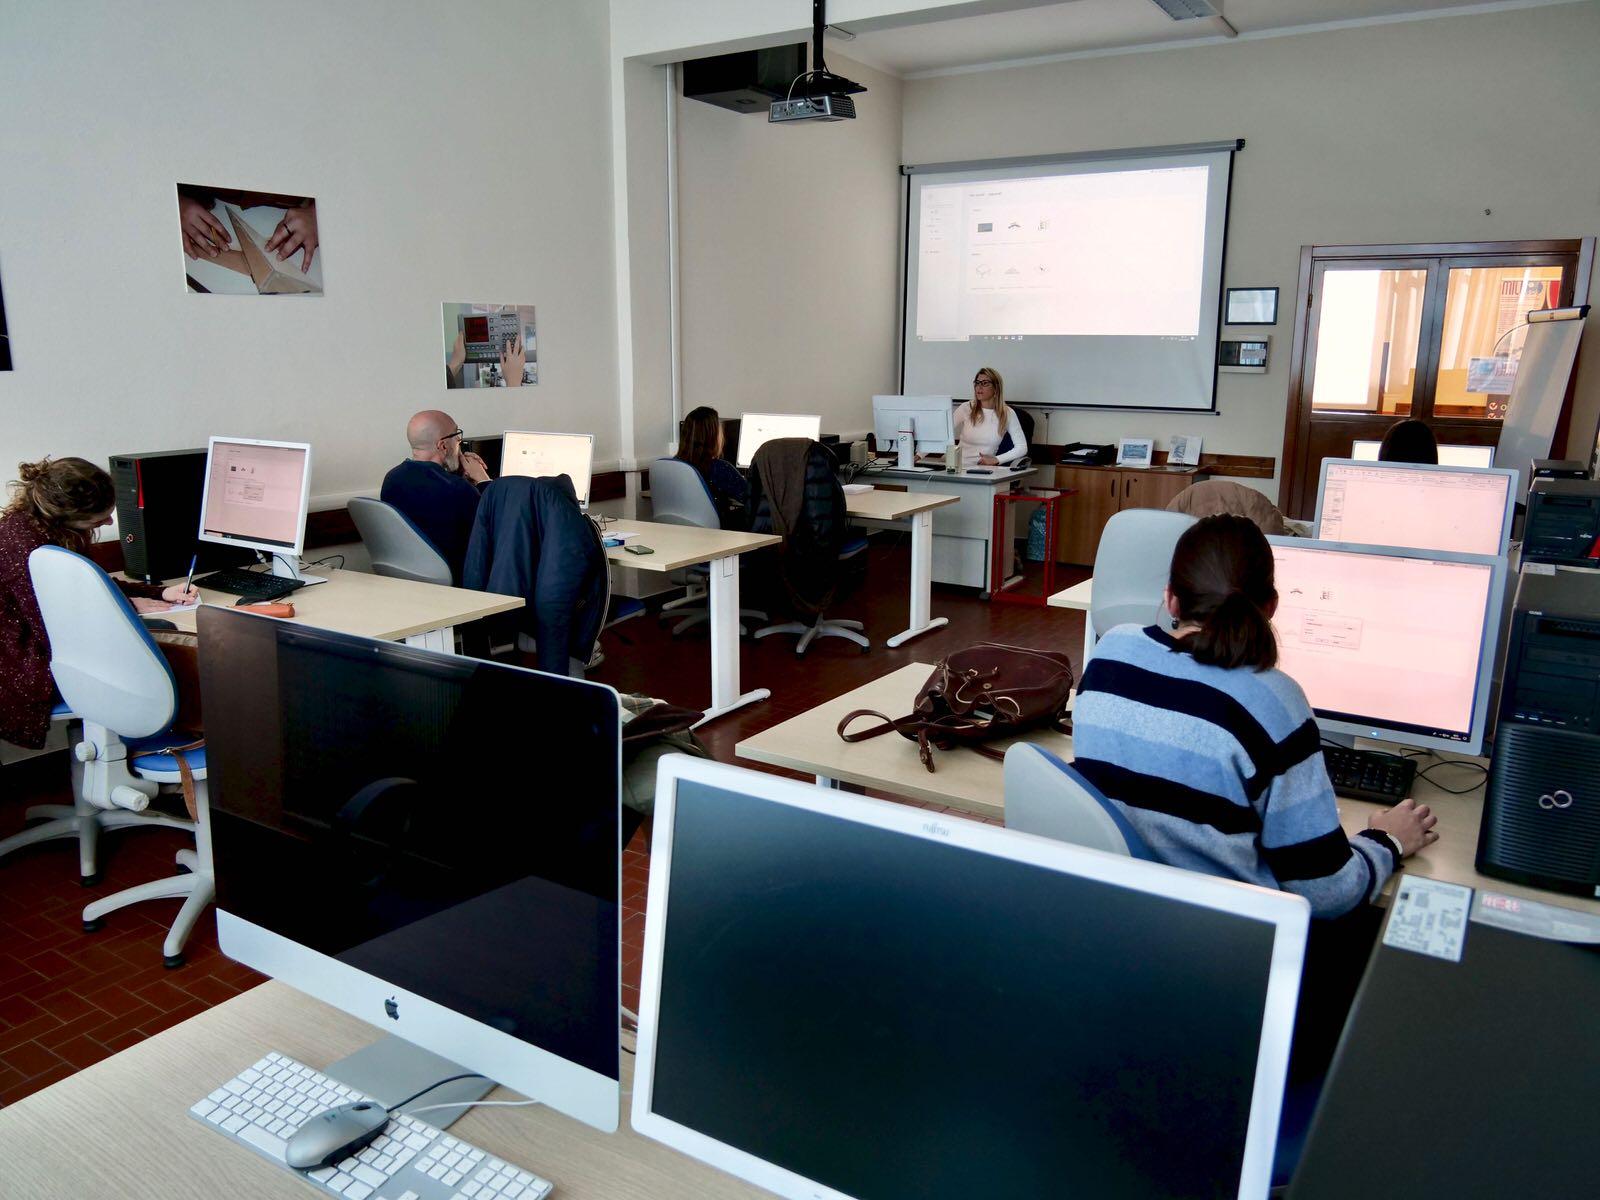 Inaugurata al Centro San Salvatore – Villaggio del Ragazzo la nuova aula dedicata al Building Information Modeling (BIM)